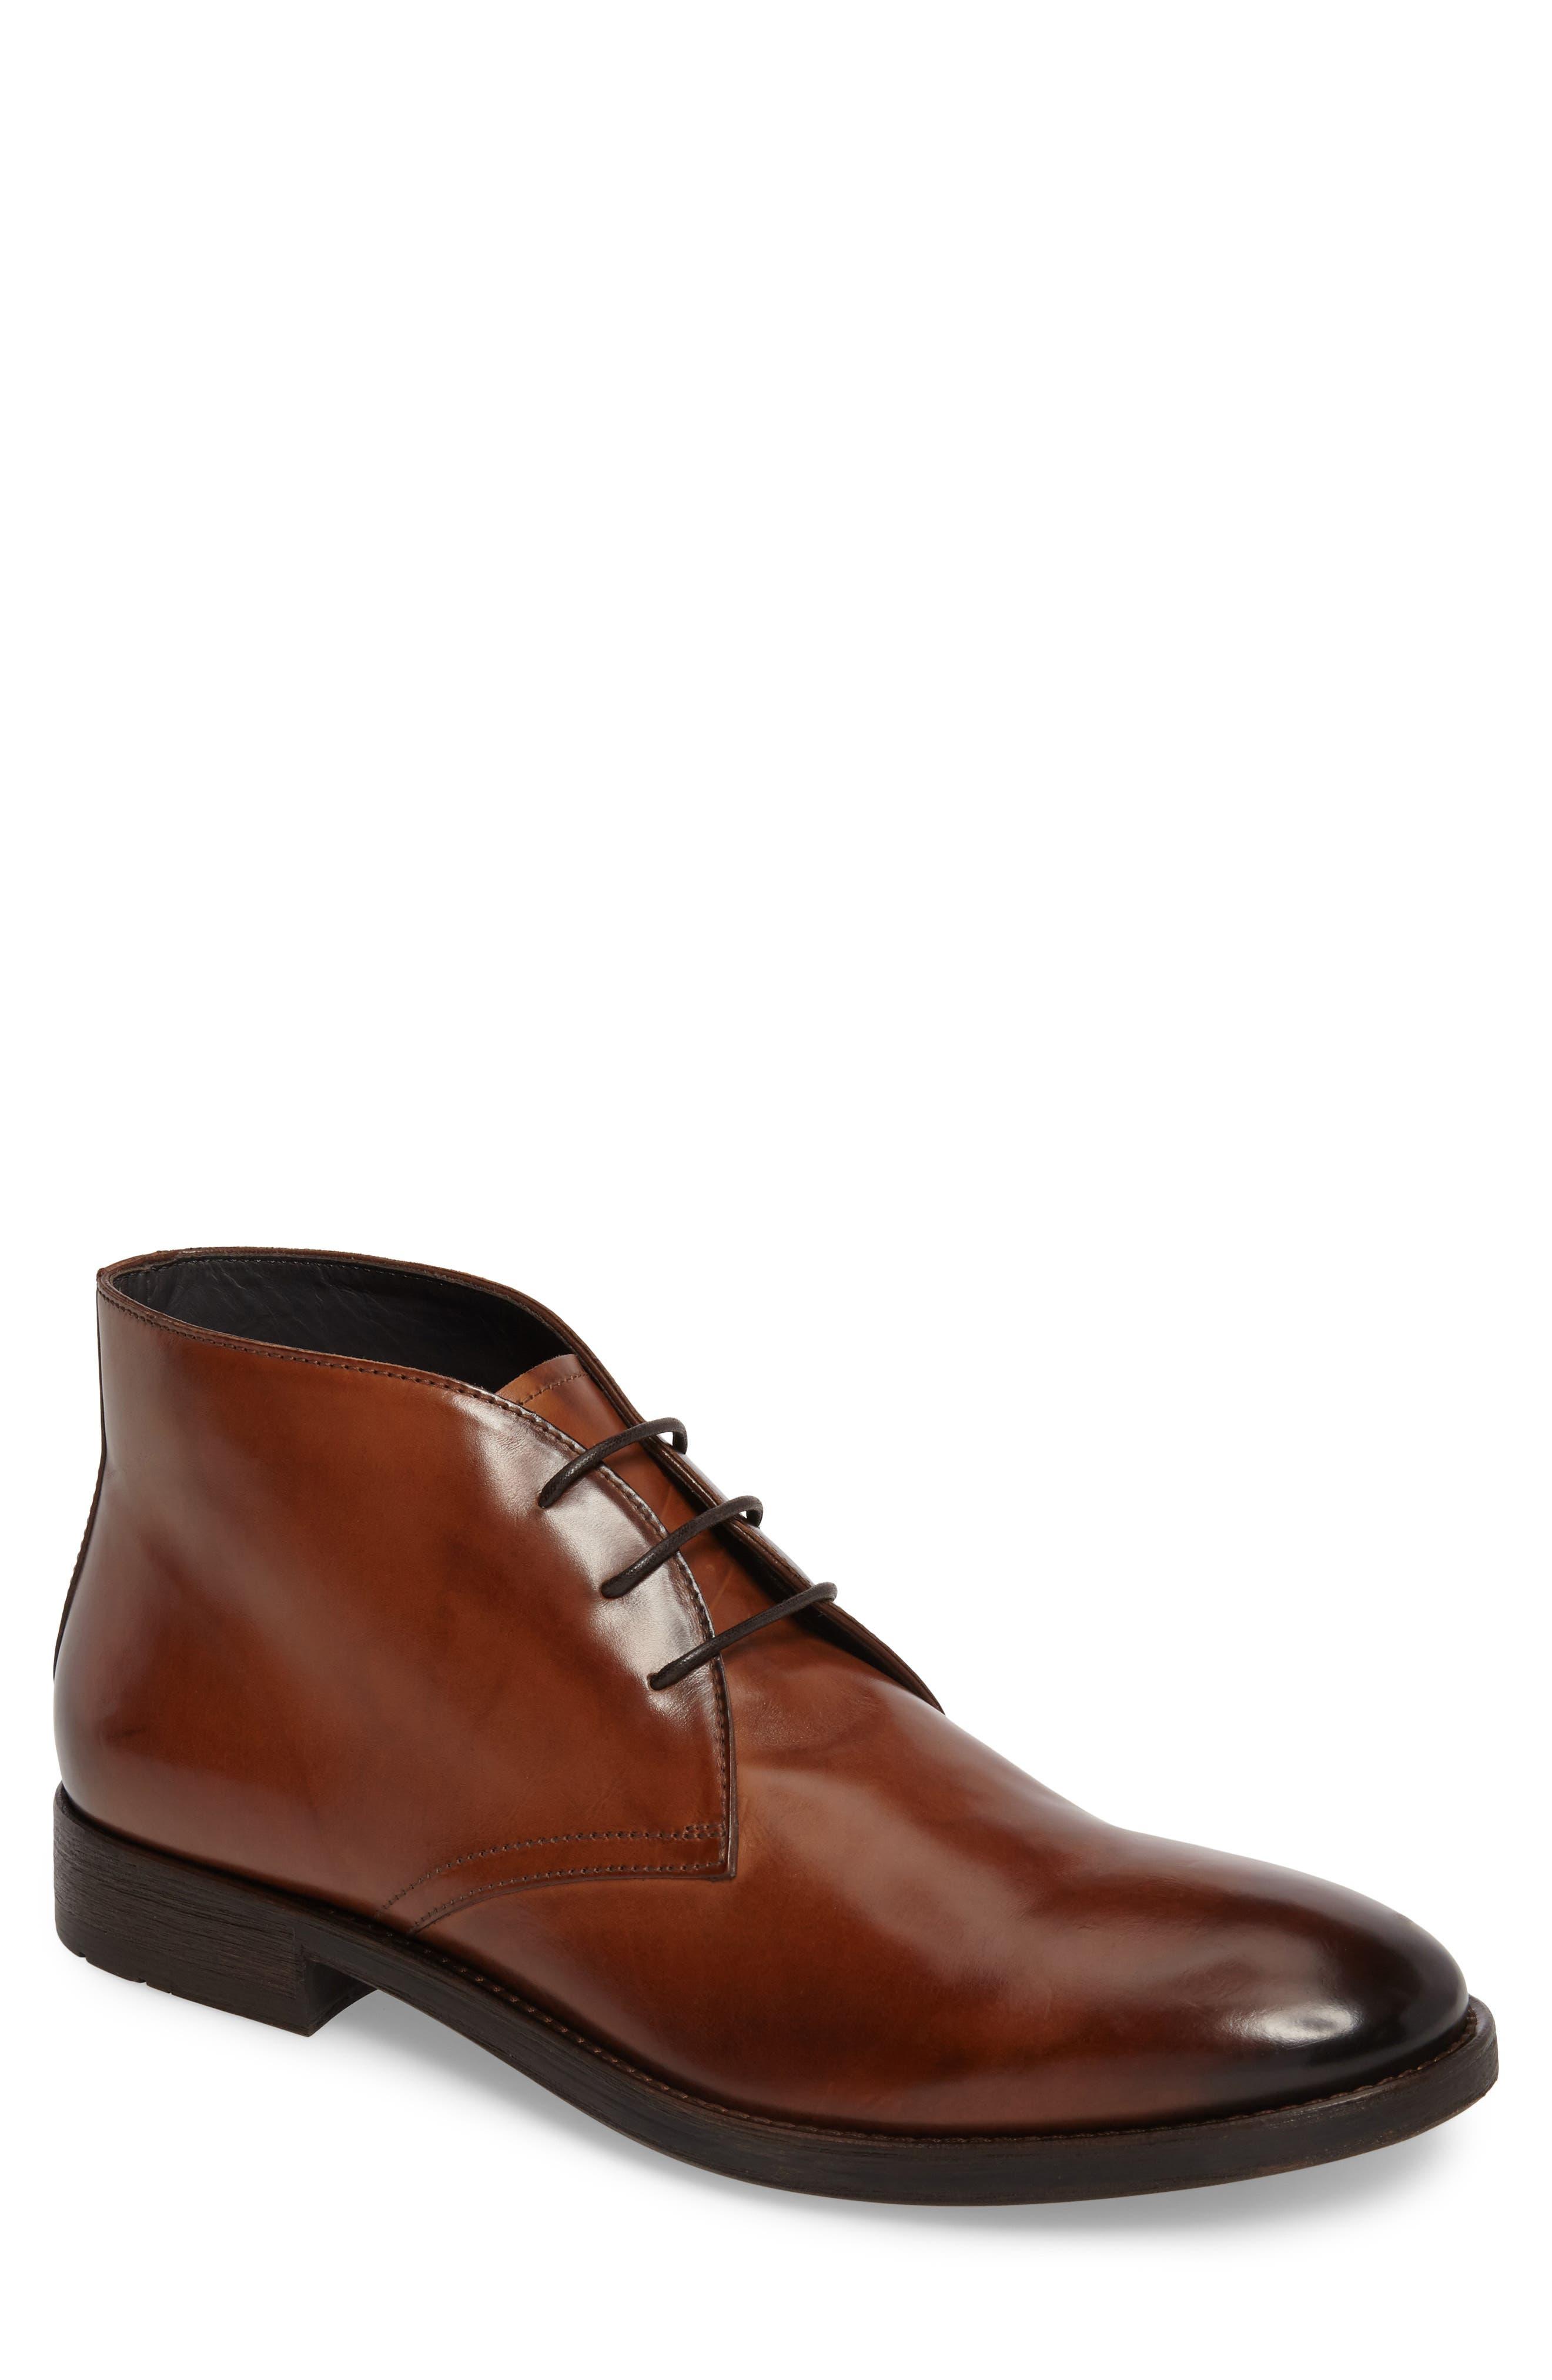 Connor Chukka Boot,                         Main,                         color, Cognac